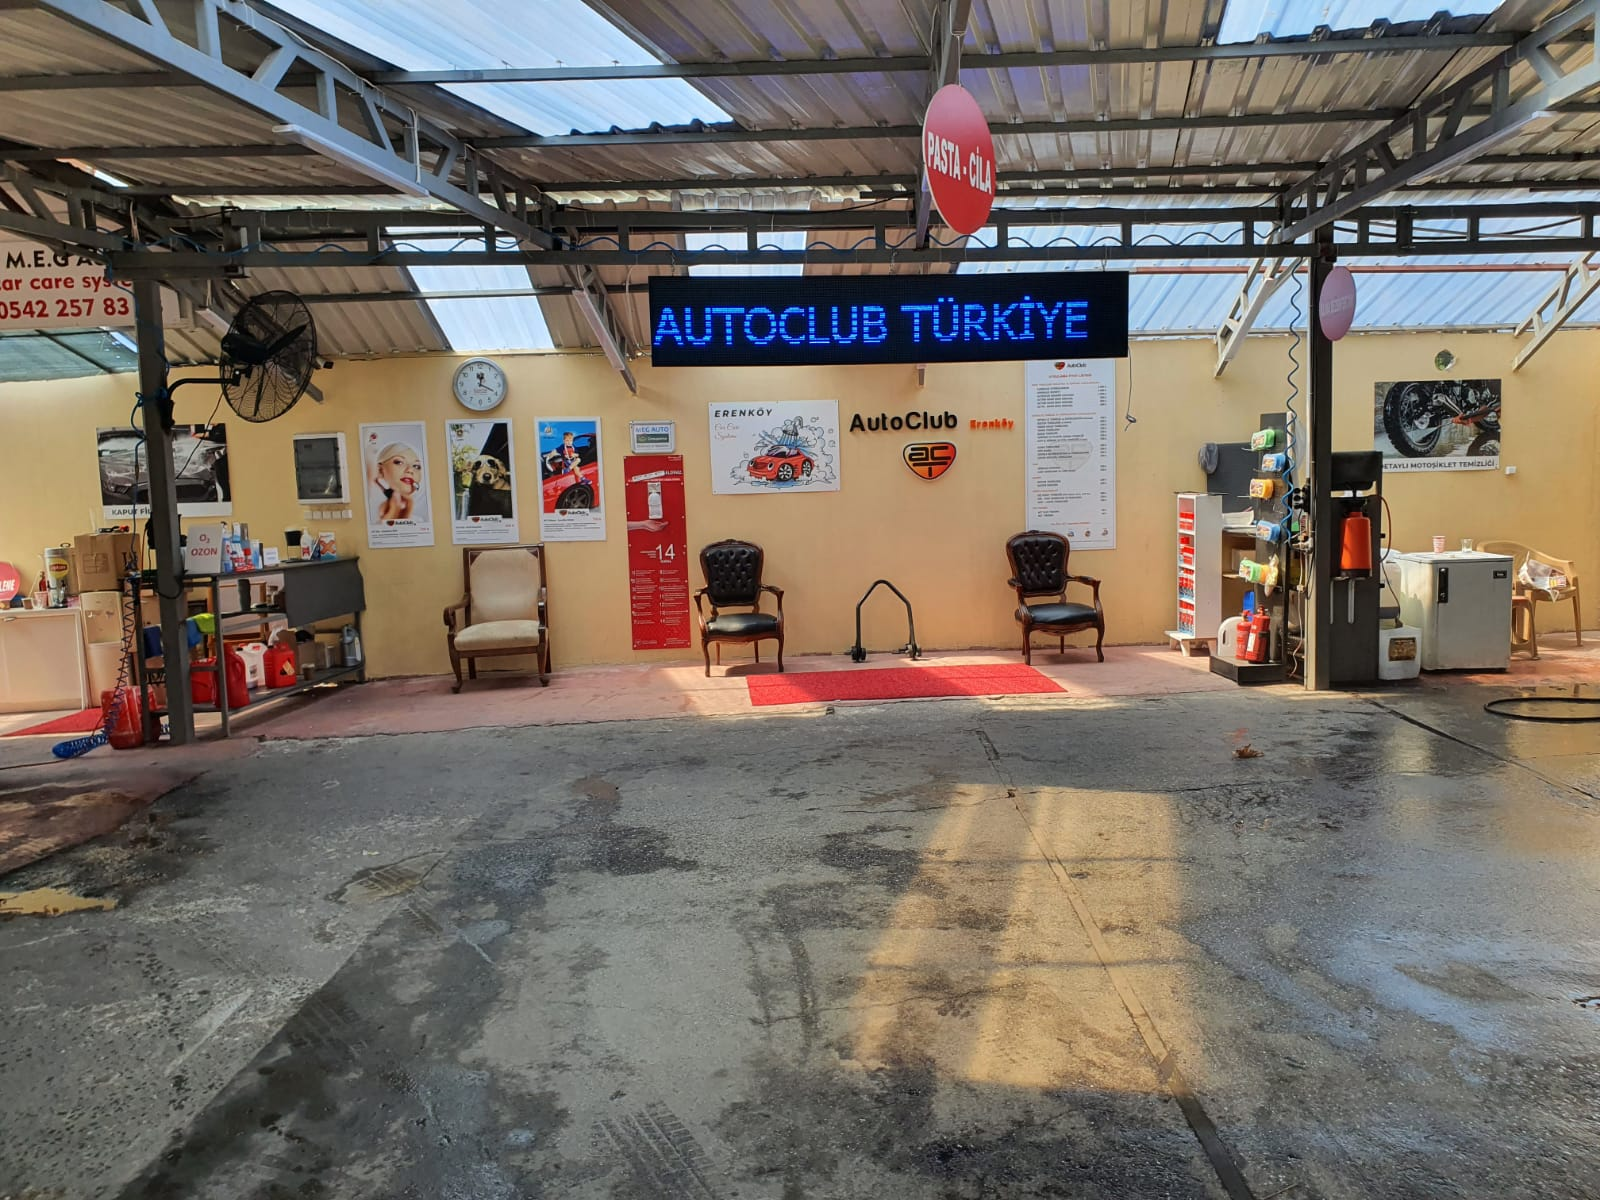 AutoClub Erenköy - İstanbul Erenköy